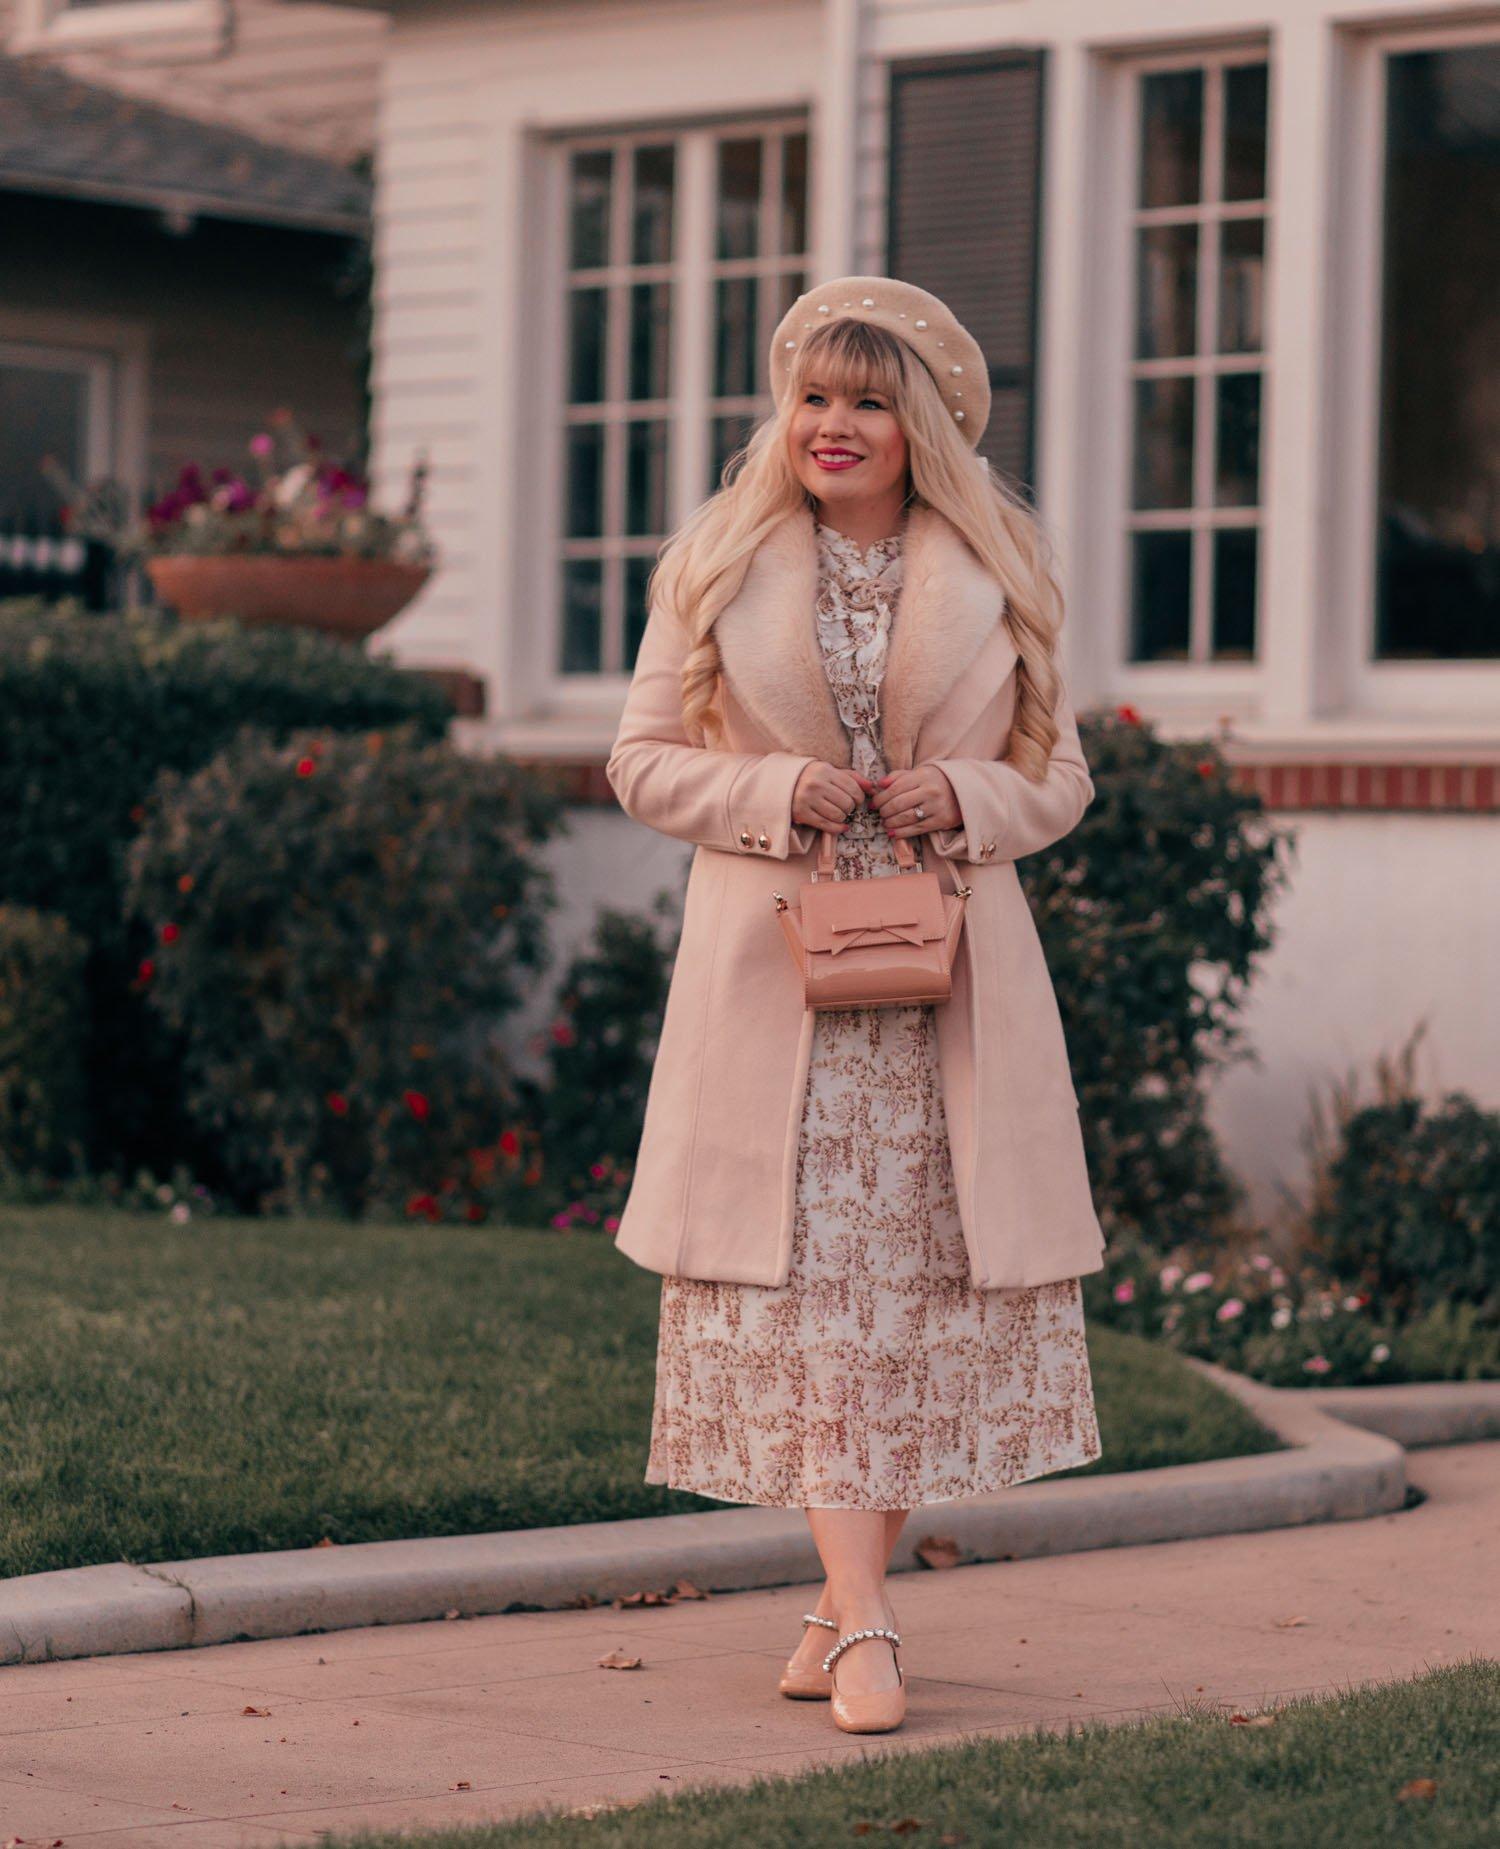 Elizabeth Hugen of Lizzie in Lace wears a neutral feminine winter outfit